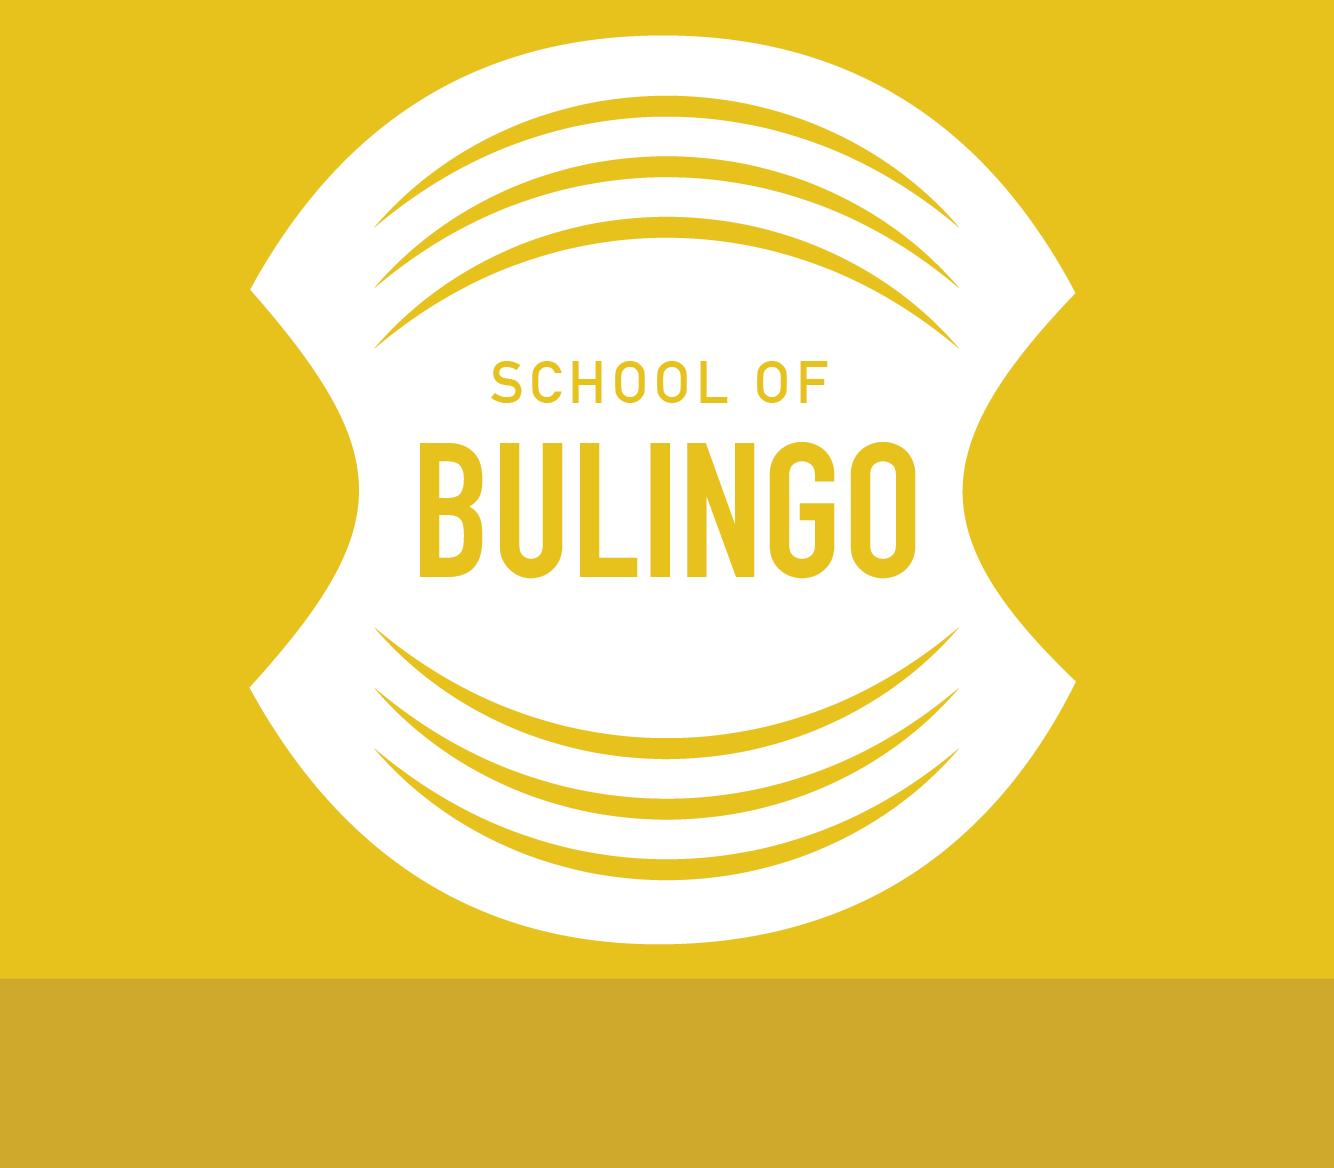 School of bulingo